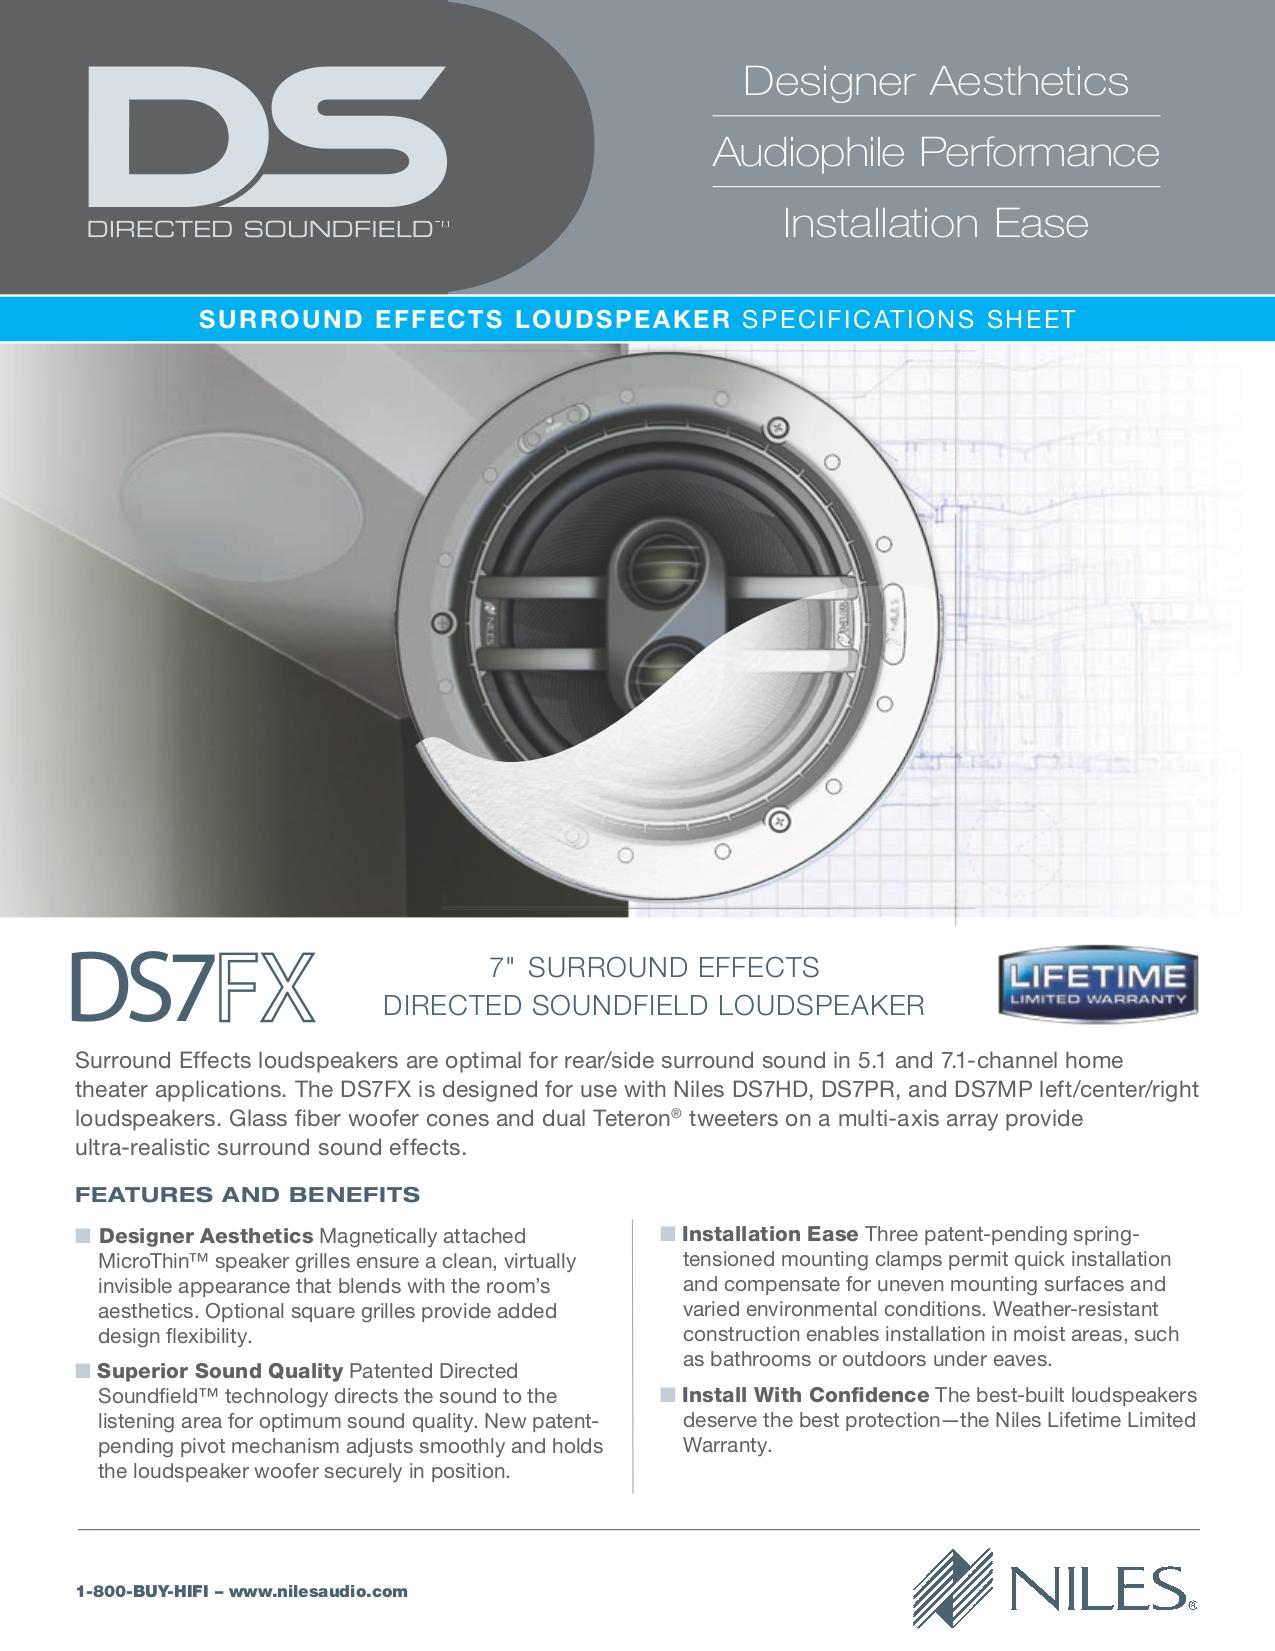 pdf for Niles Speaker DS7FX manual